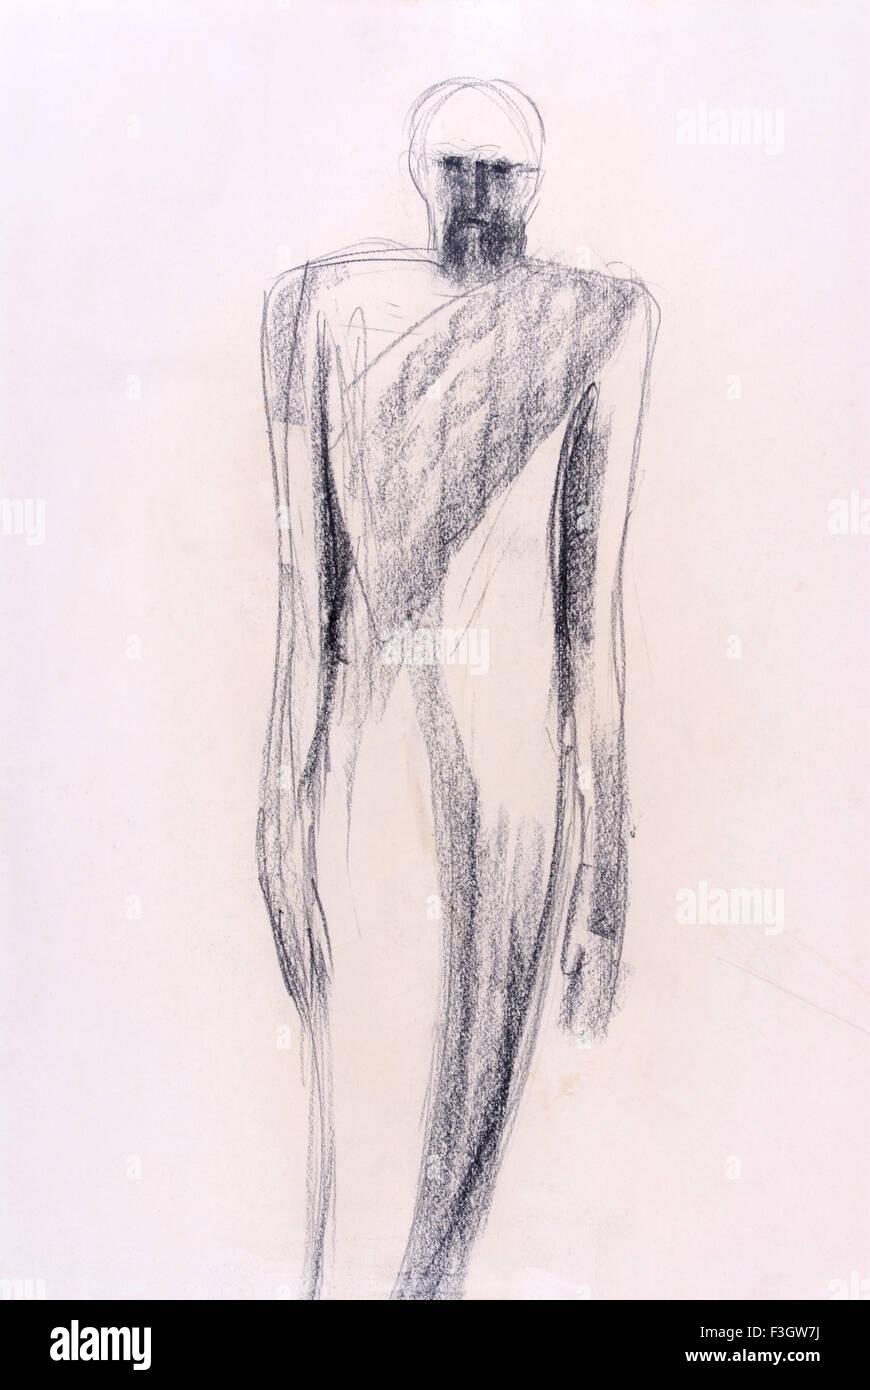 El carbón de leña de dibujo de un hombre barbado en papel Foto de stock